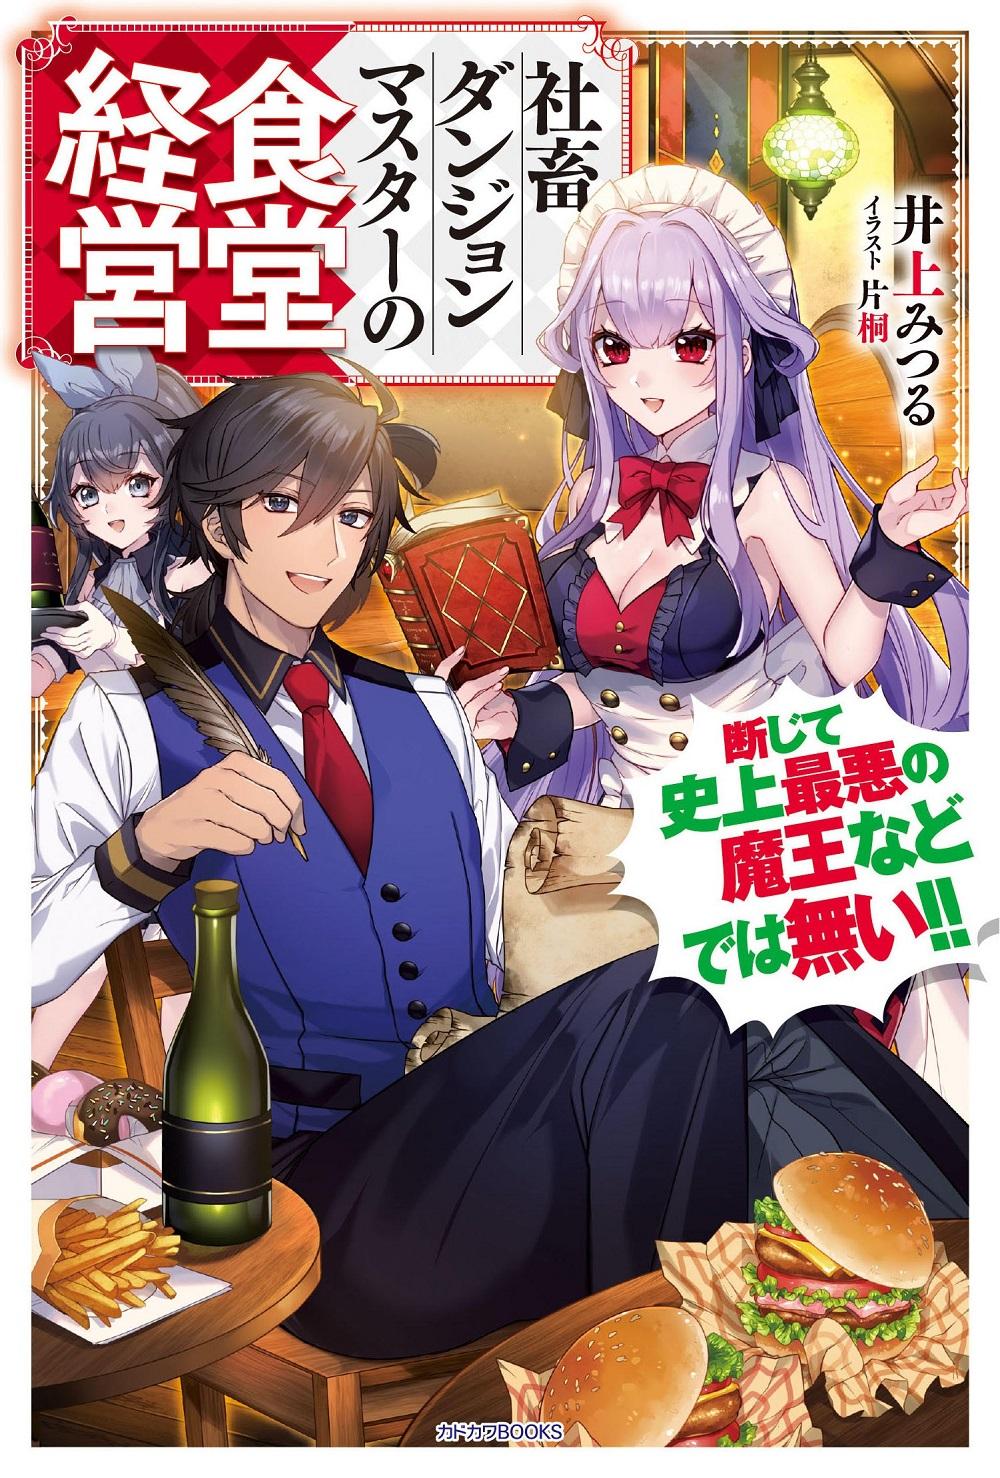 異 世界 食堂 小説 5 巻 発売 日